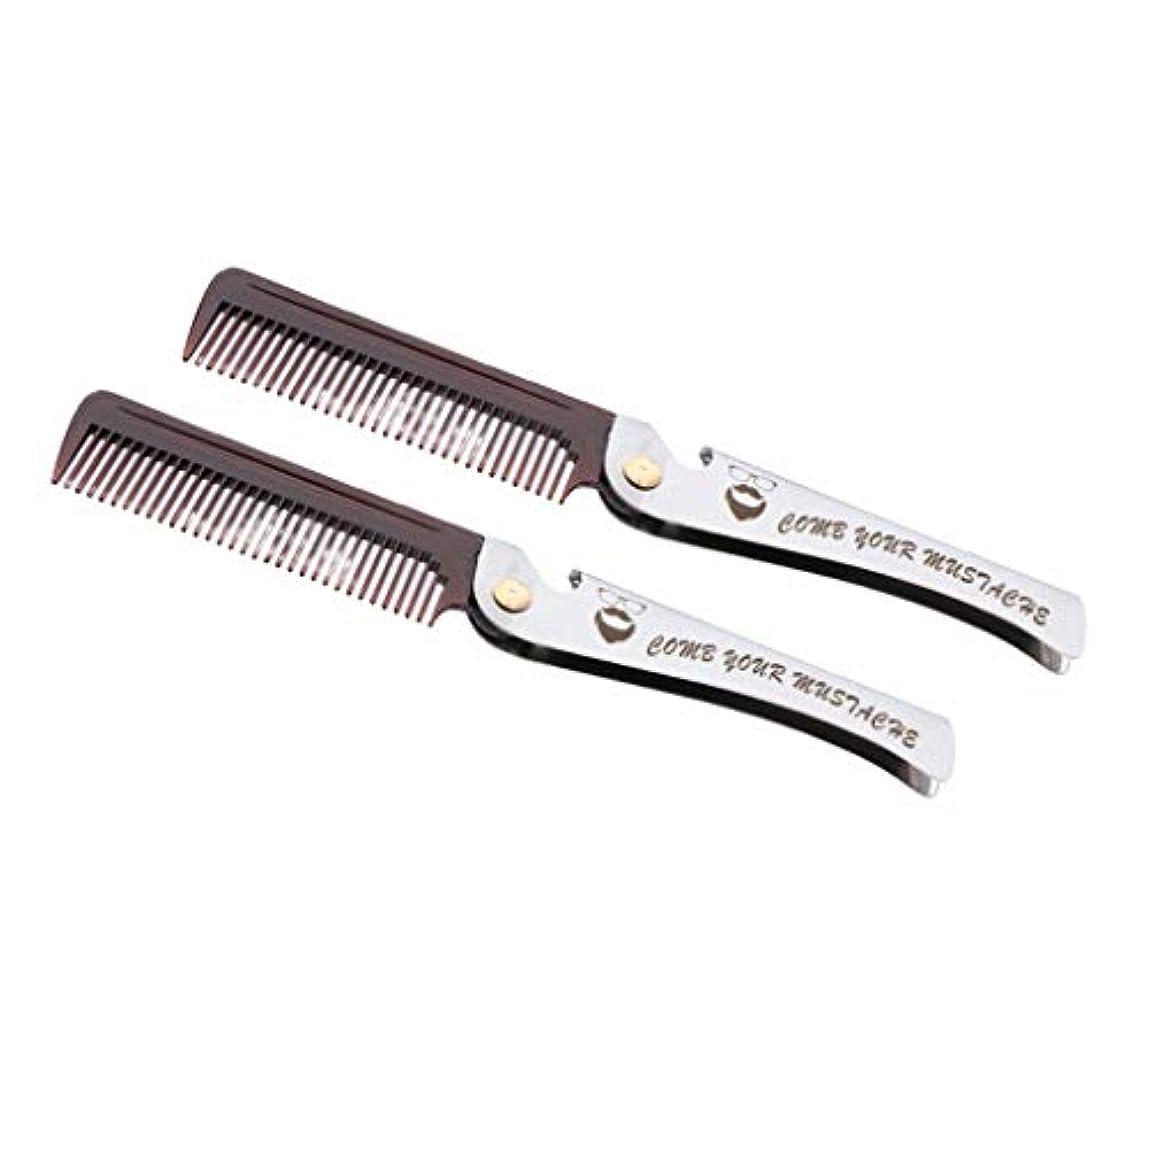 累計コミュニティファッションToygogo 2ピース/個男性の髪、ひげ、口ひげのスタイリング用の細かい歯の折りたたみブラシの櫛、ポケットサイズ